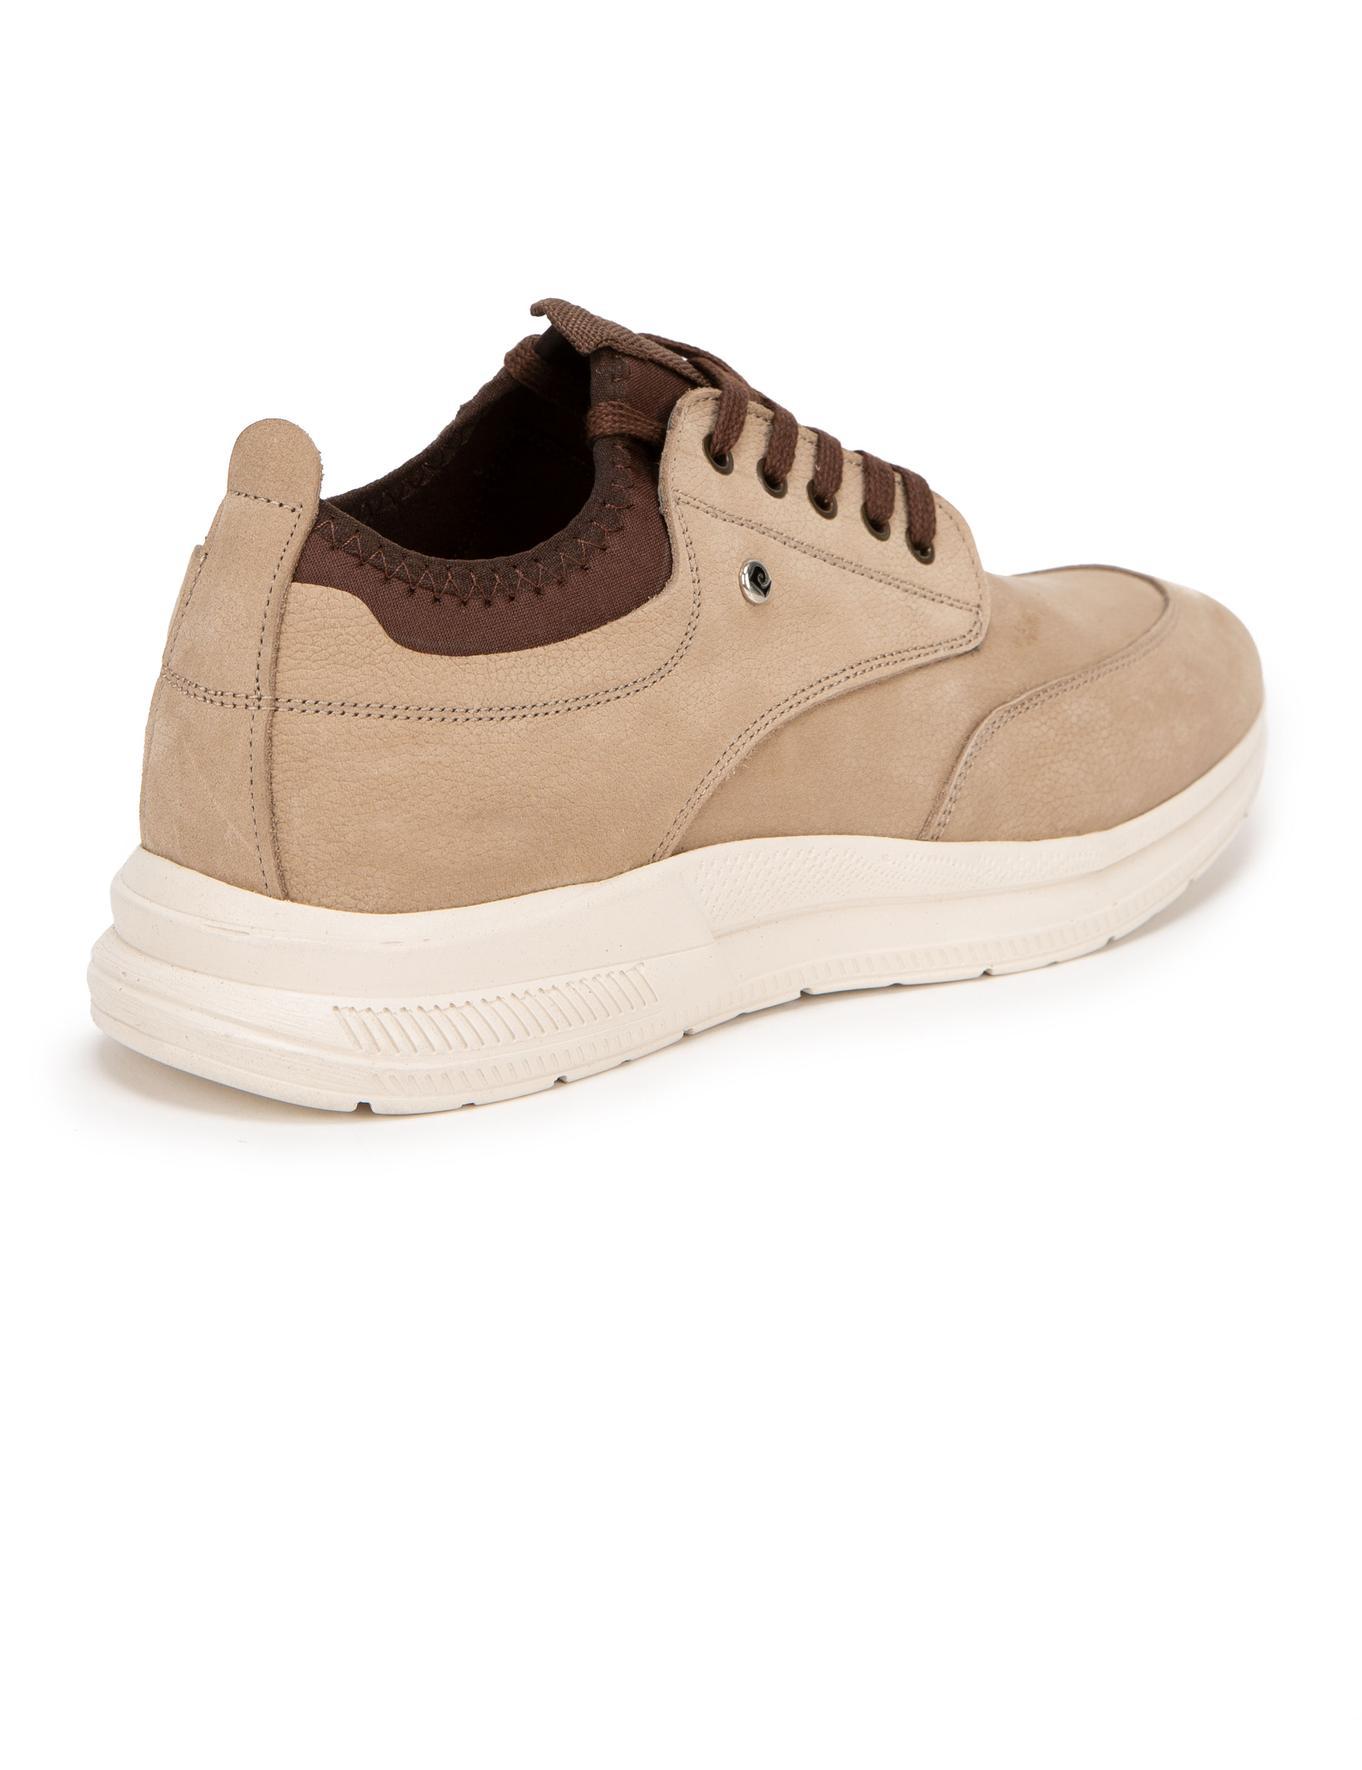 Açık Kahverengi Sneakers Ayakkabı